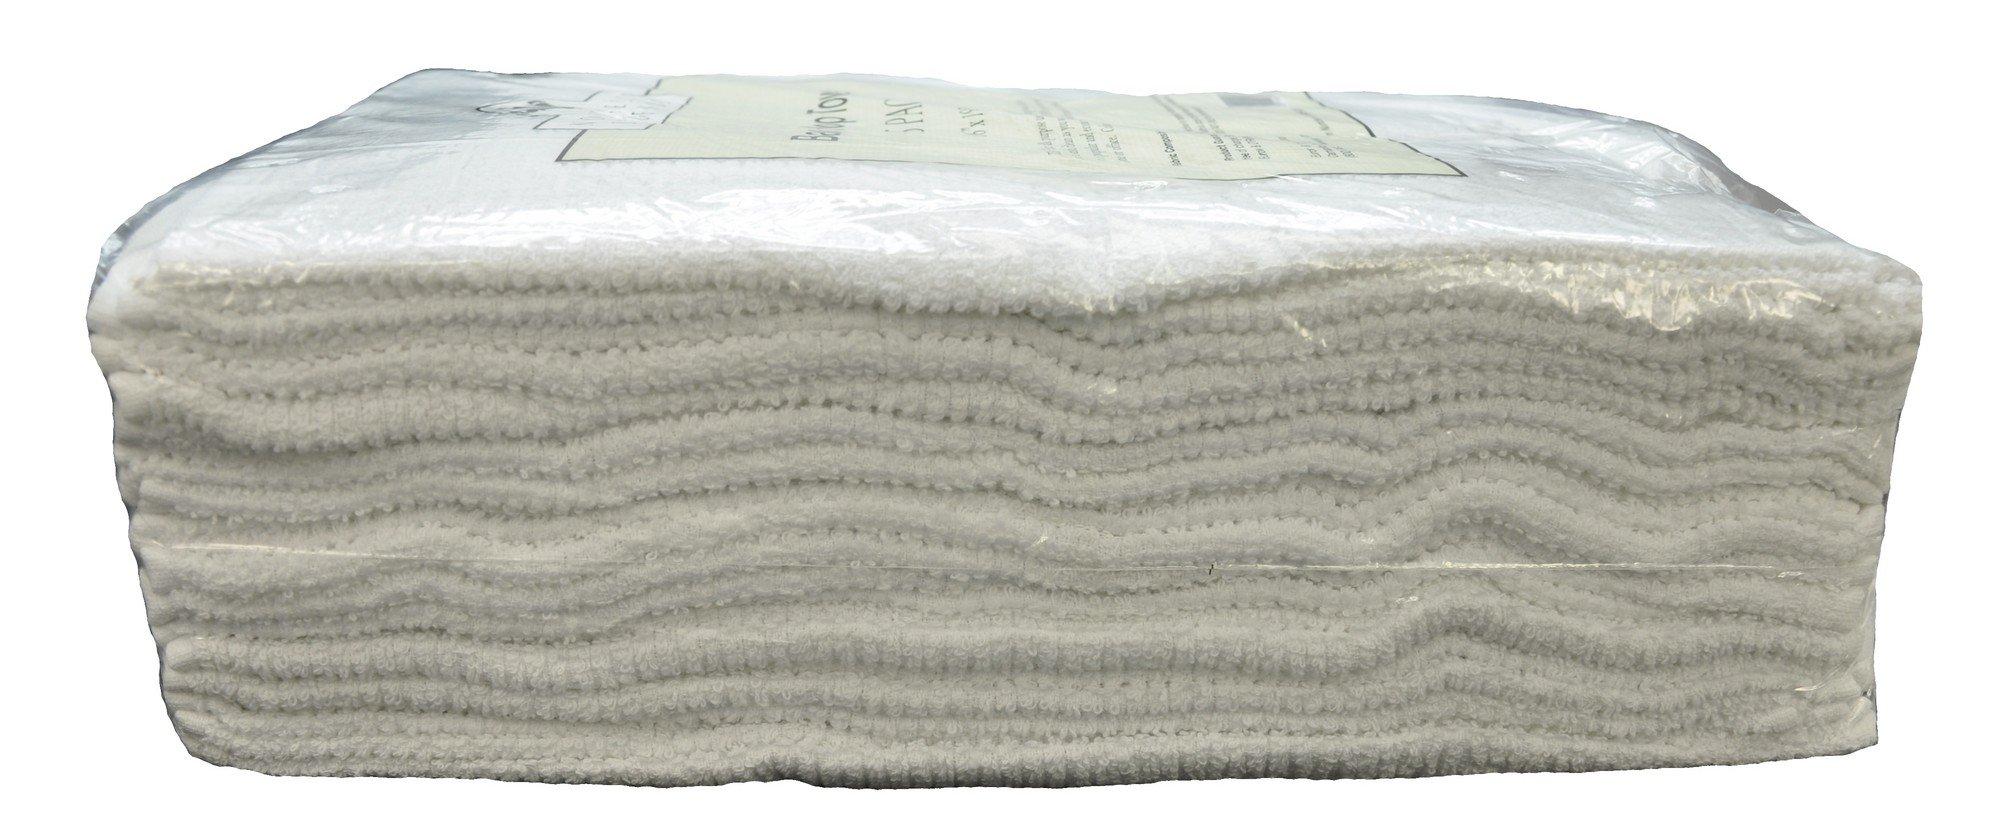 Nouvelle Legende Cotton Bar Mop Ribbed Towels Commercial Grade (25-Pack) by Nouvelle Legende (Image #3)